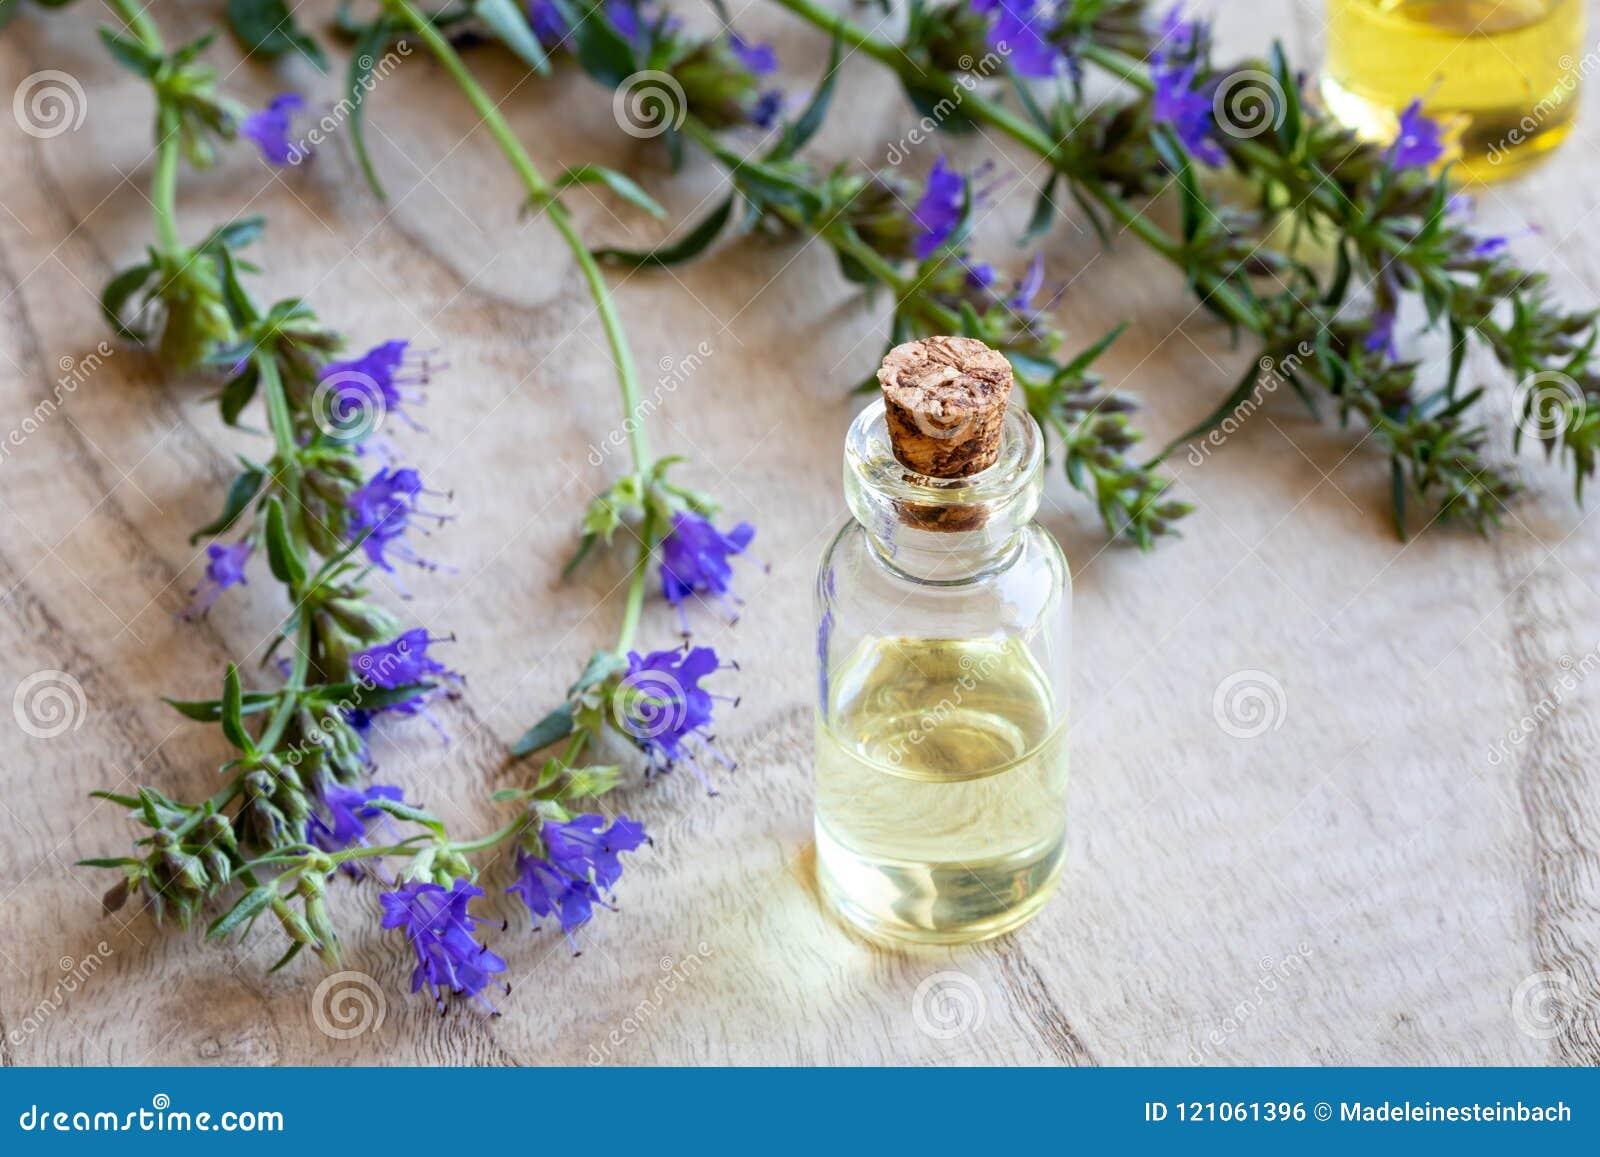 Butelka hizopu istotny olej z świeżym kwitnącym hizopem